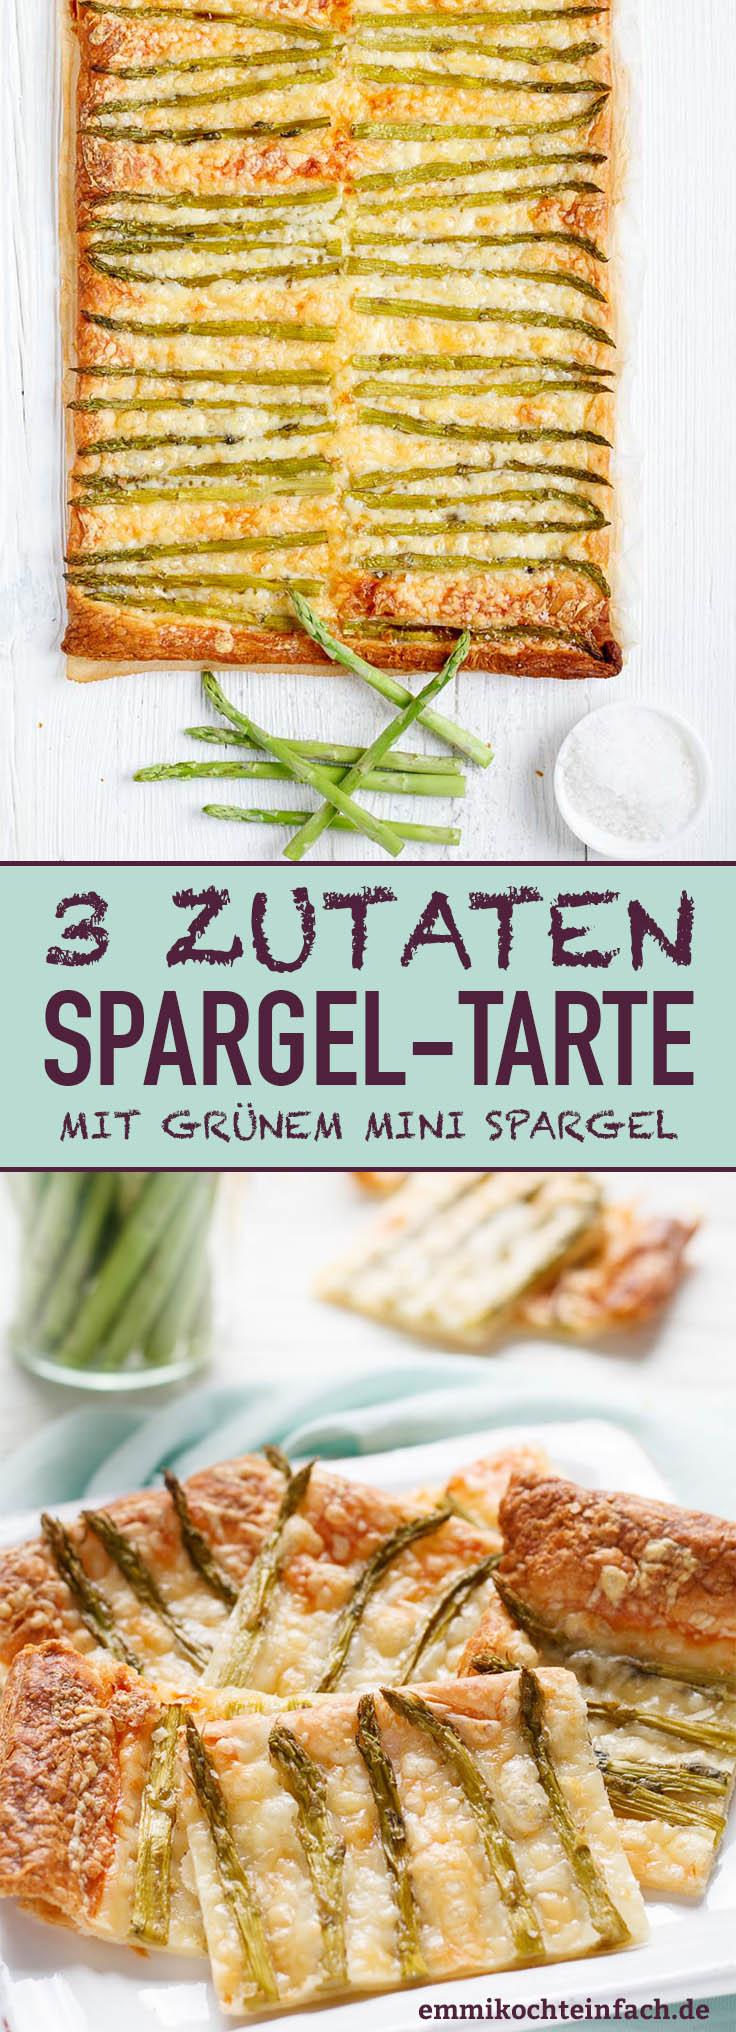 3-Zutaten-Spargeltarte - www.emmikochteinfach.de